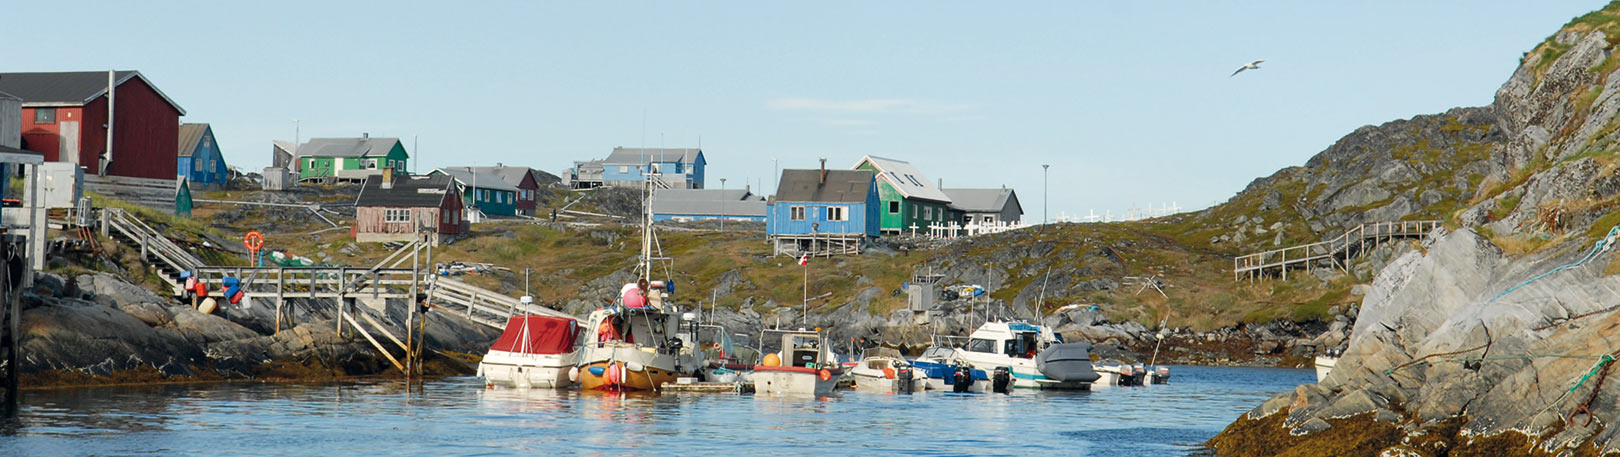 Fiskeidyl i en lille Grønlandsk bygd, hvor de blandet andet fanger laks.